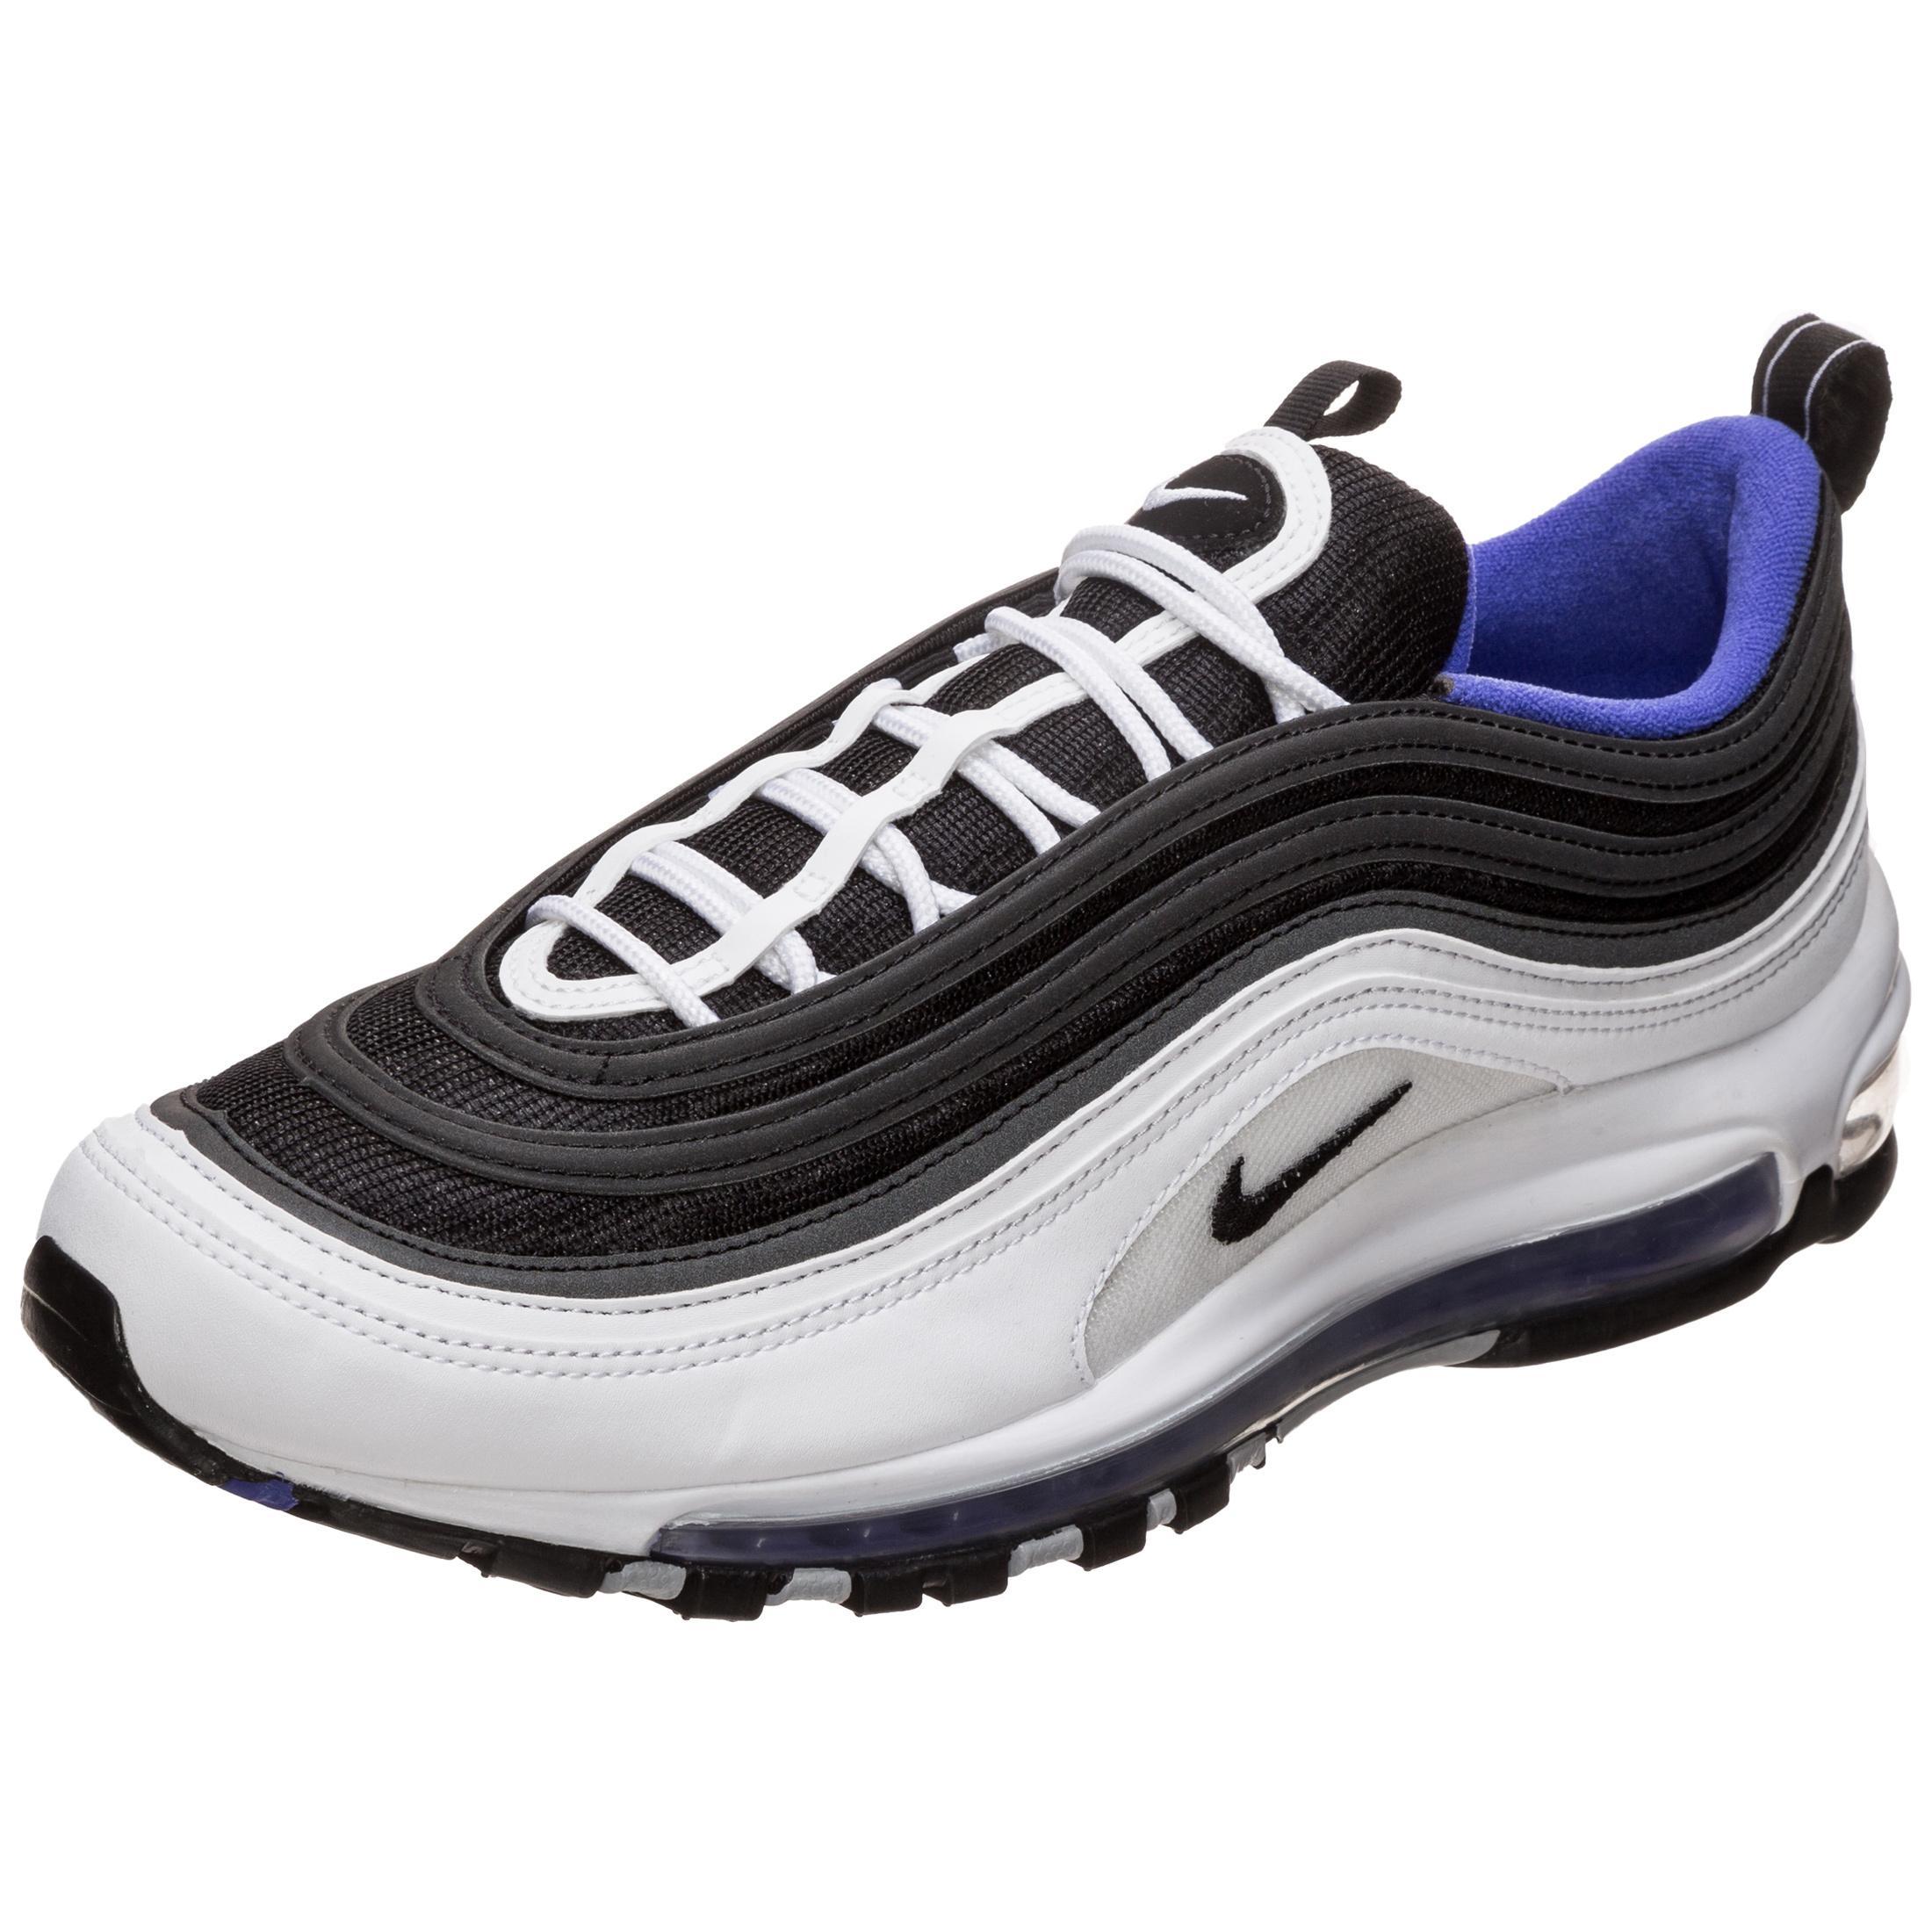 finest selection 8f281 6462b Nike Air Max 97 Sneaker Herren weiß / schwarz / lila im Online Shop von  SportScheck kaufen